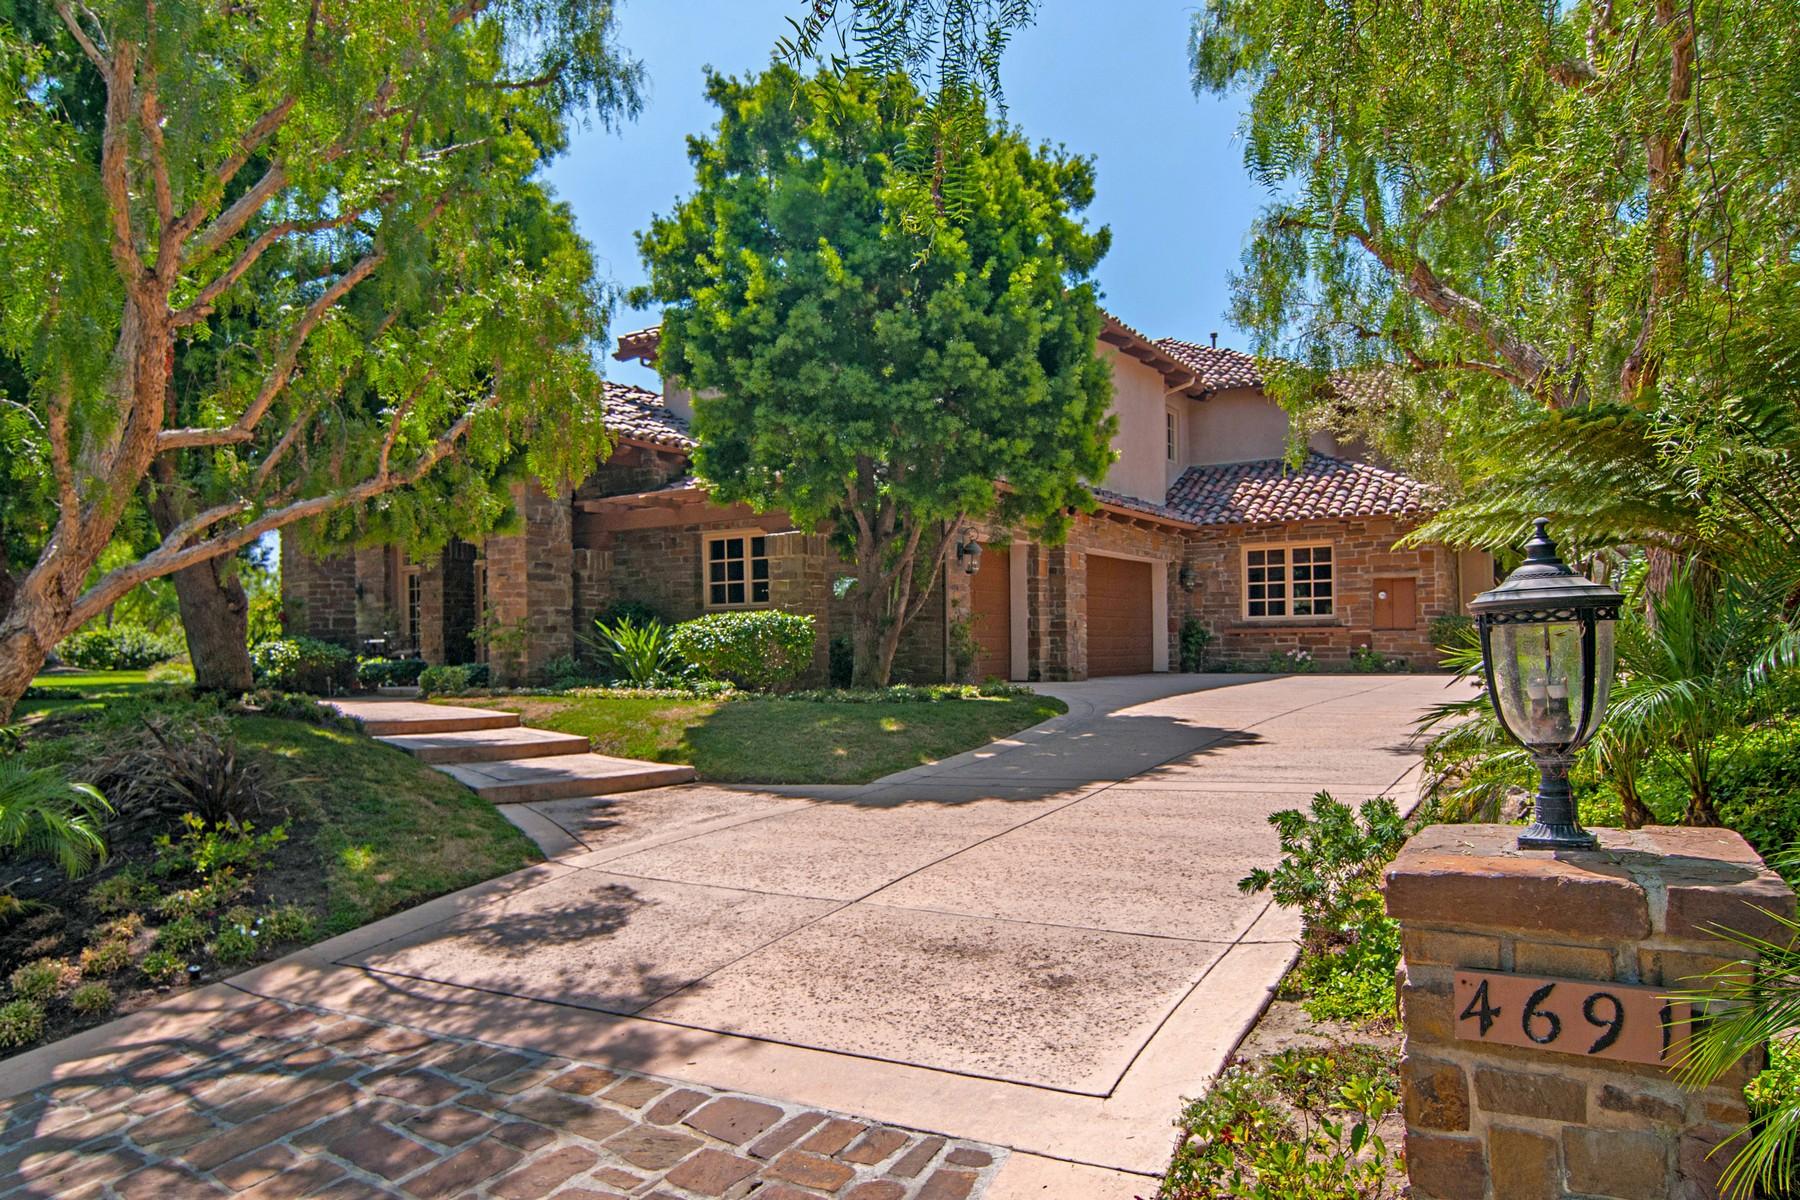 Частный односемейный дом для того Аренда на 4691 Rancho Laguna Bend San Diego, 92130 Соединенные Штаты